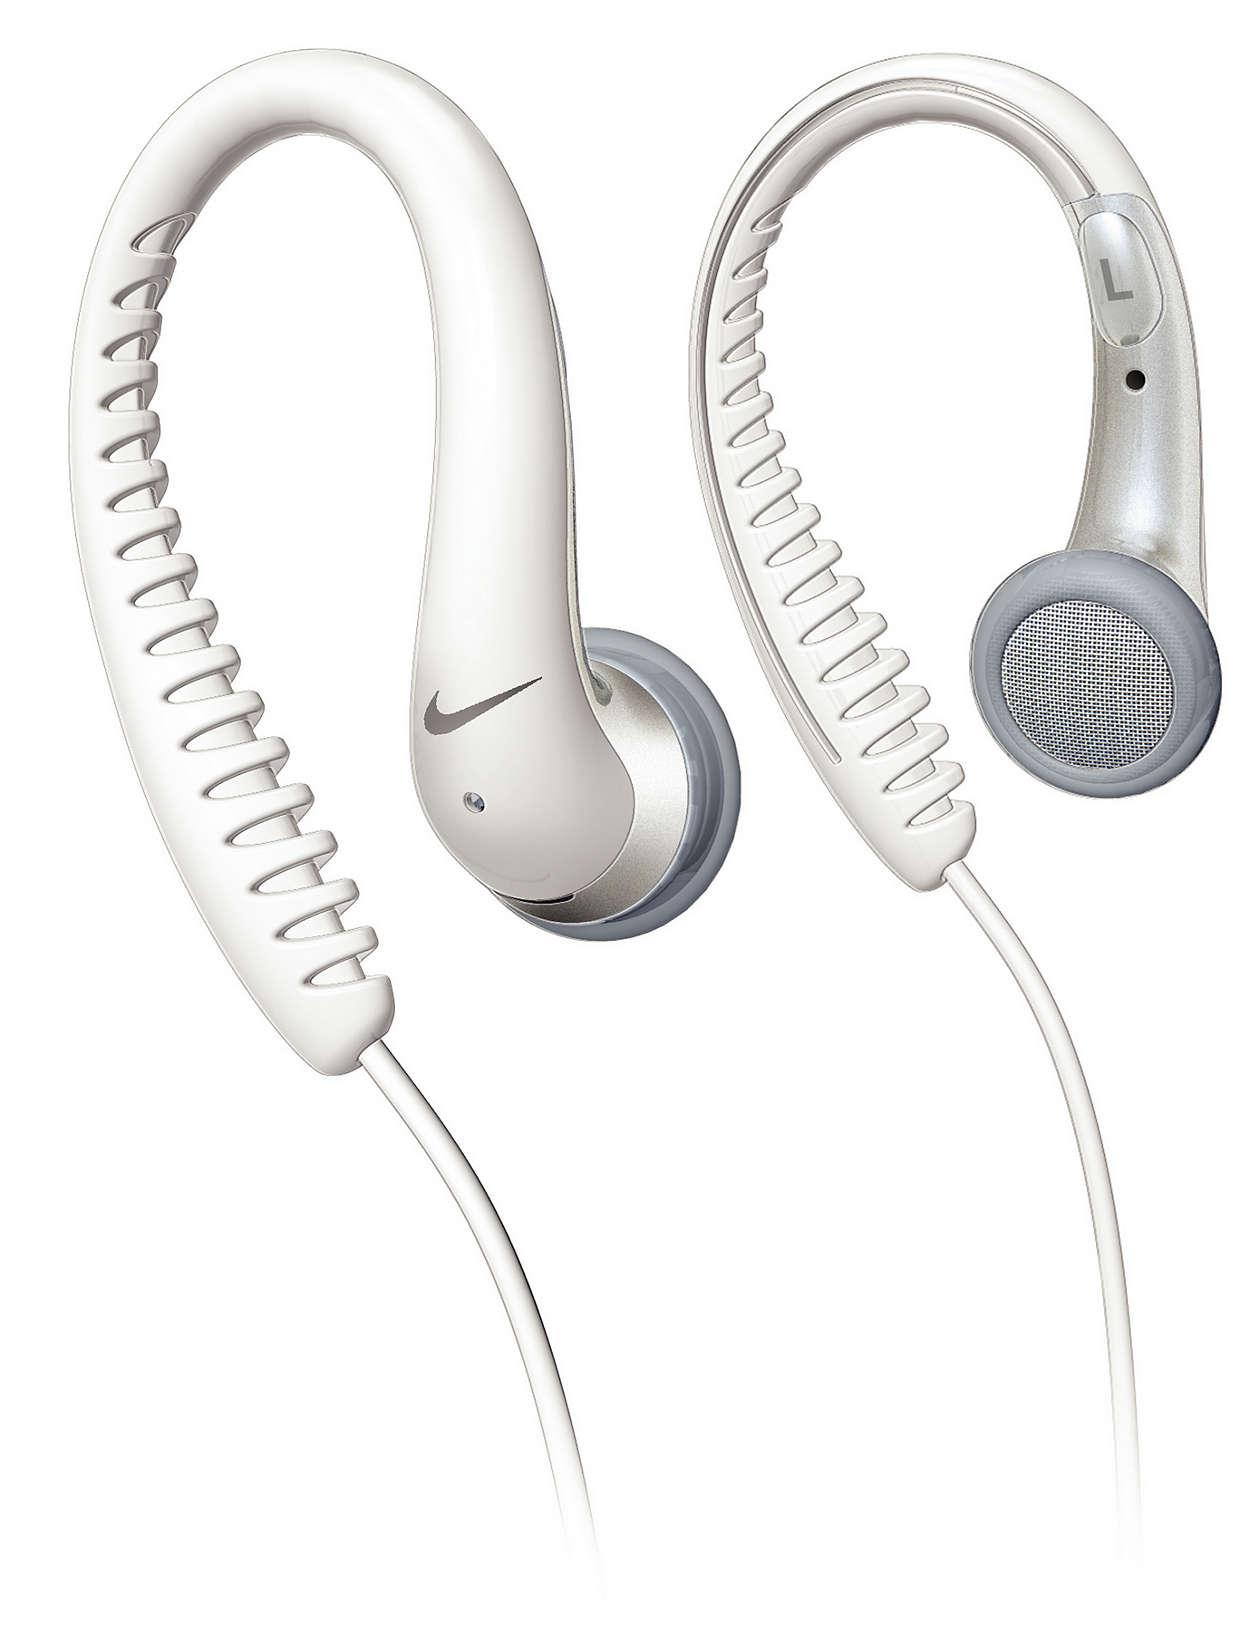 Flexibel rubberen oorhaakje